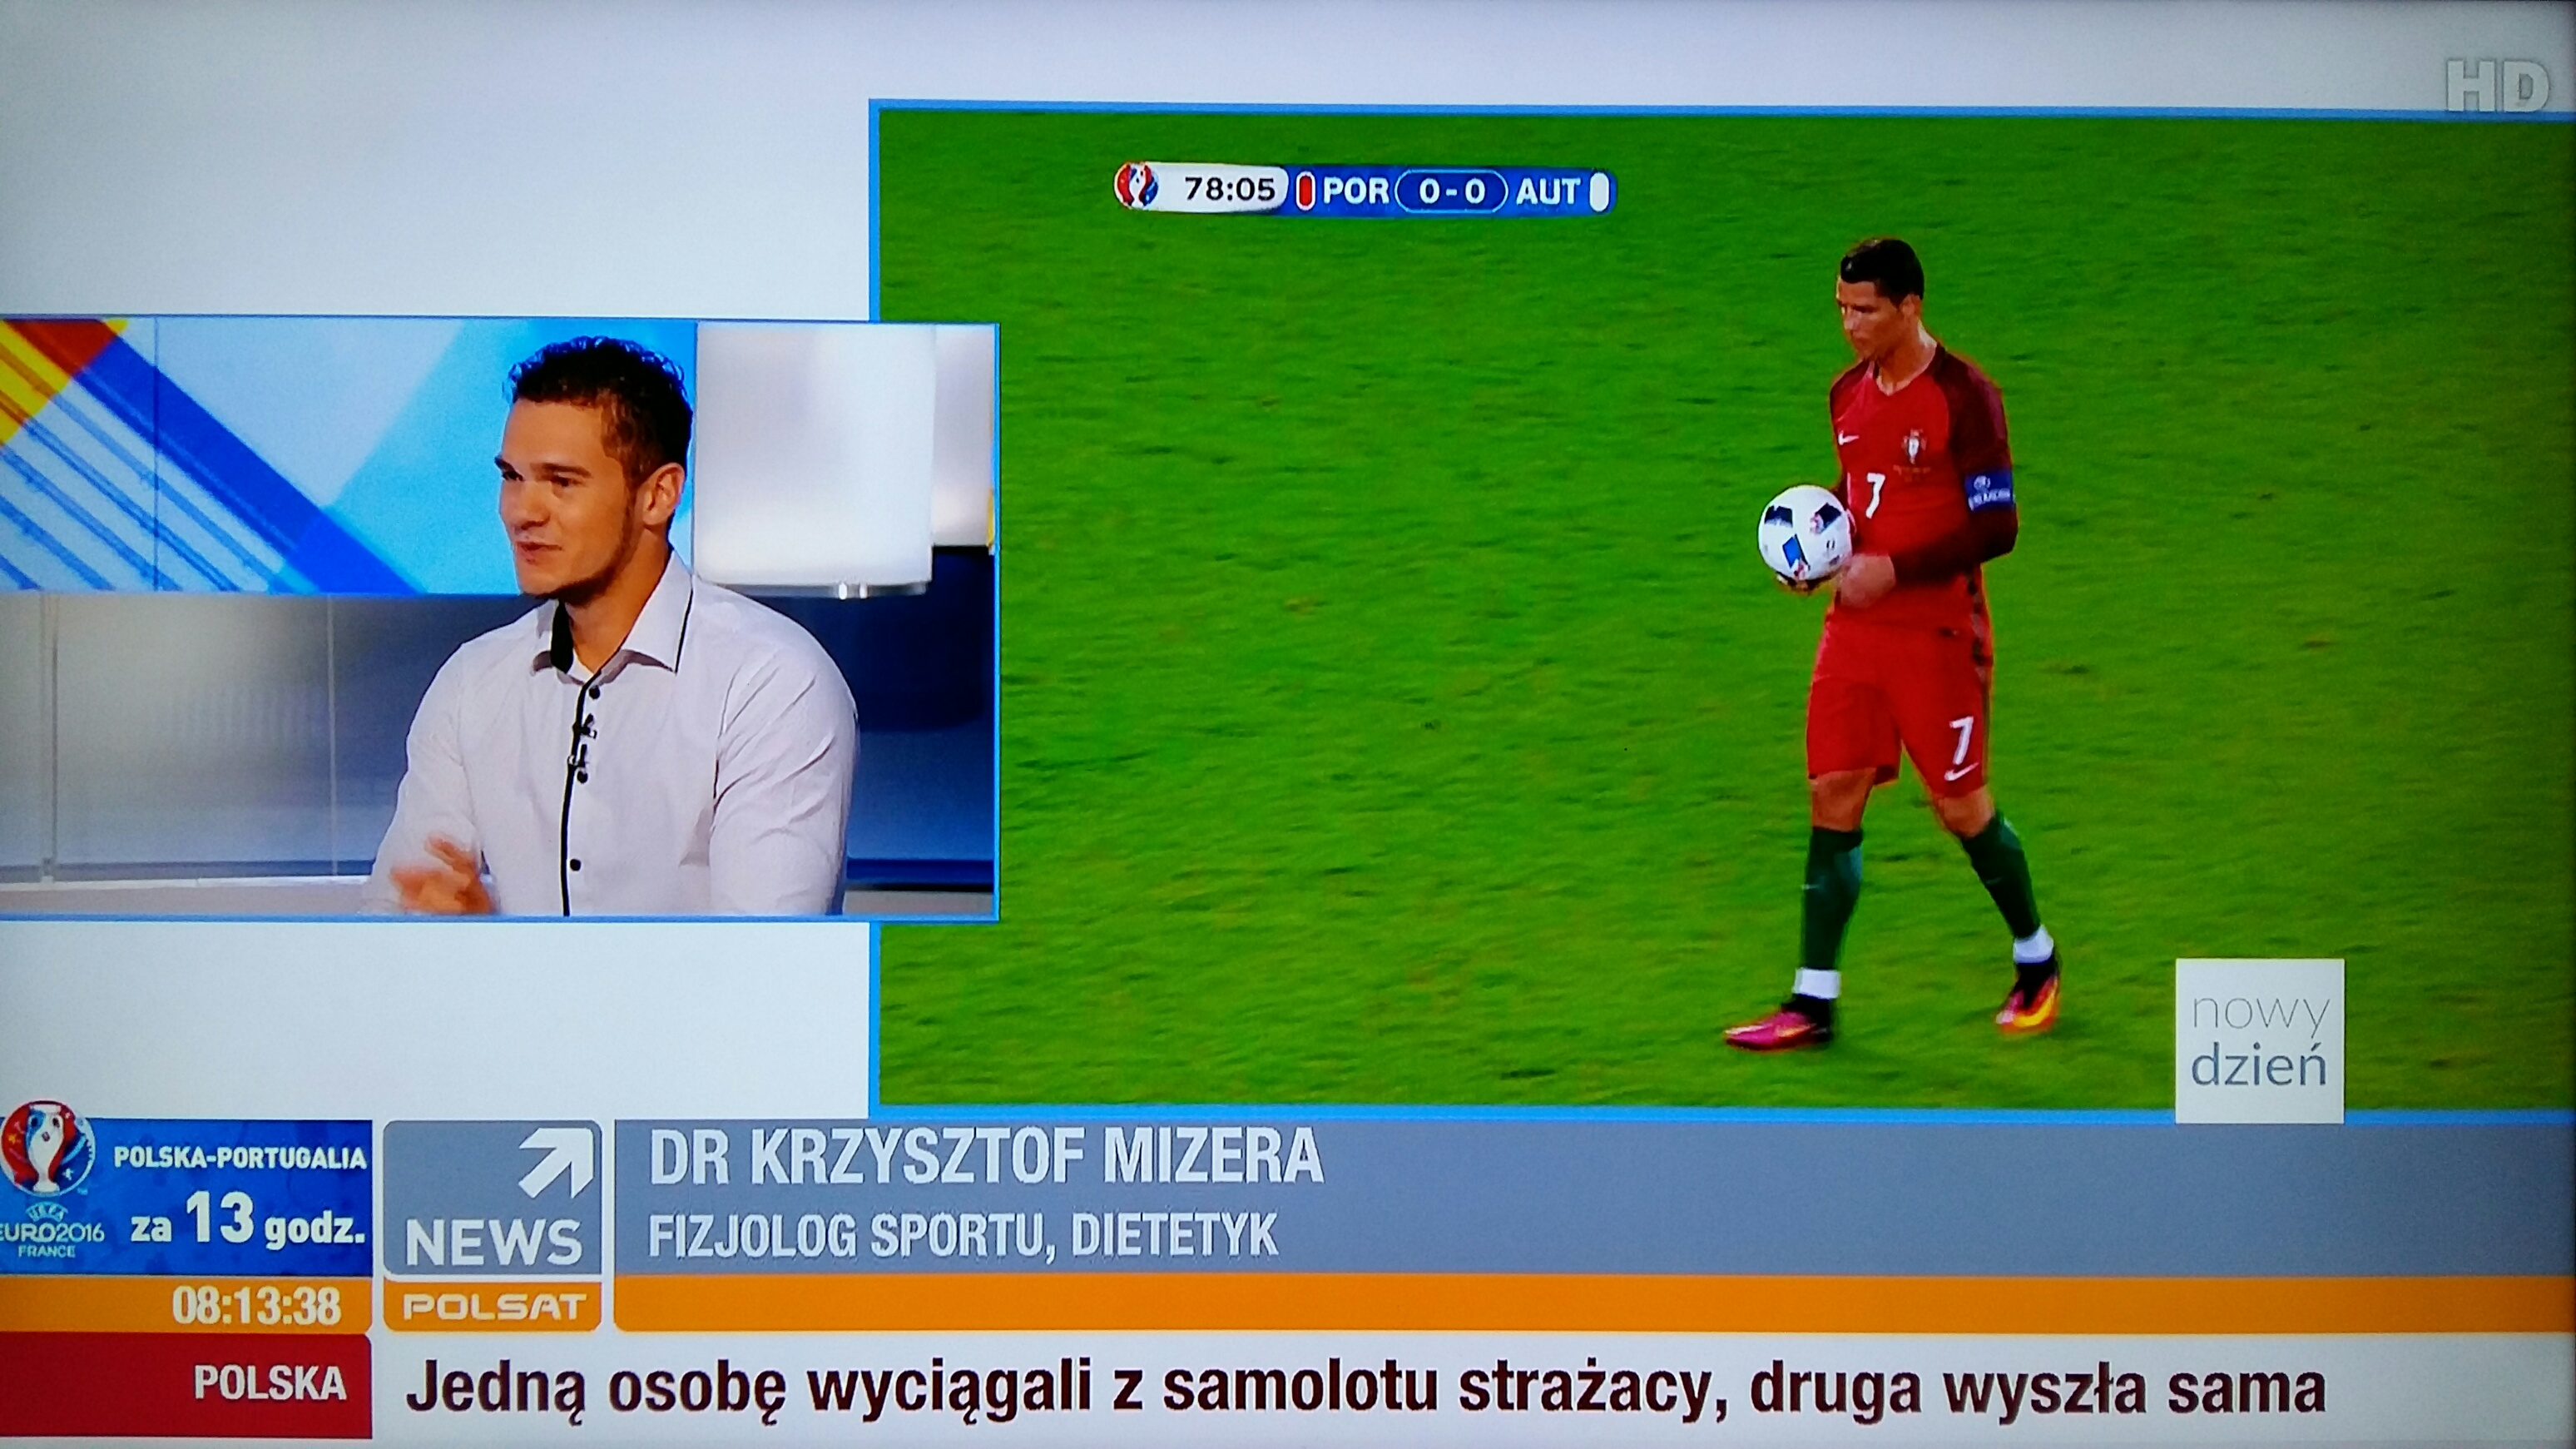 Mizera Krzysztof dietetyk kadry